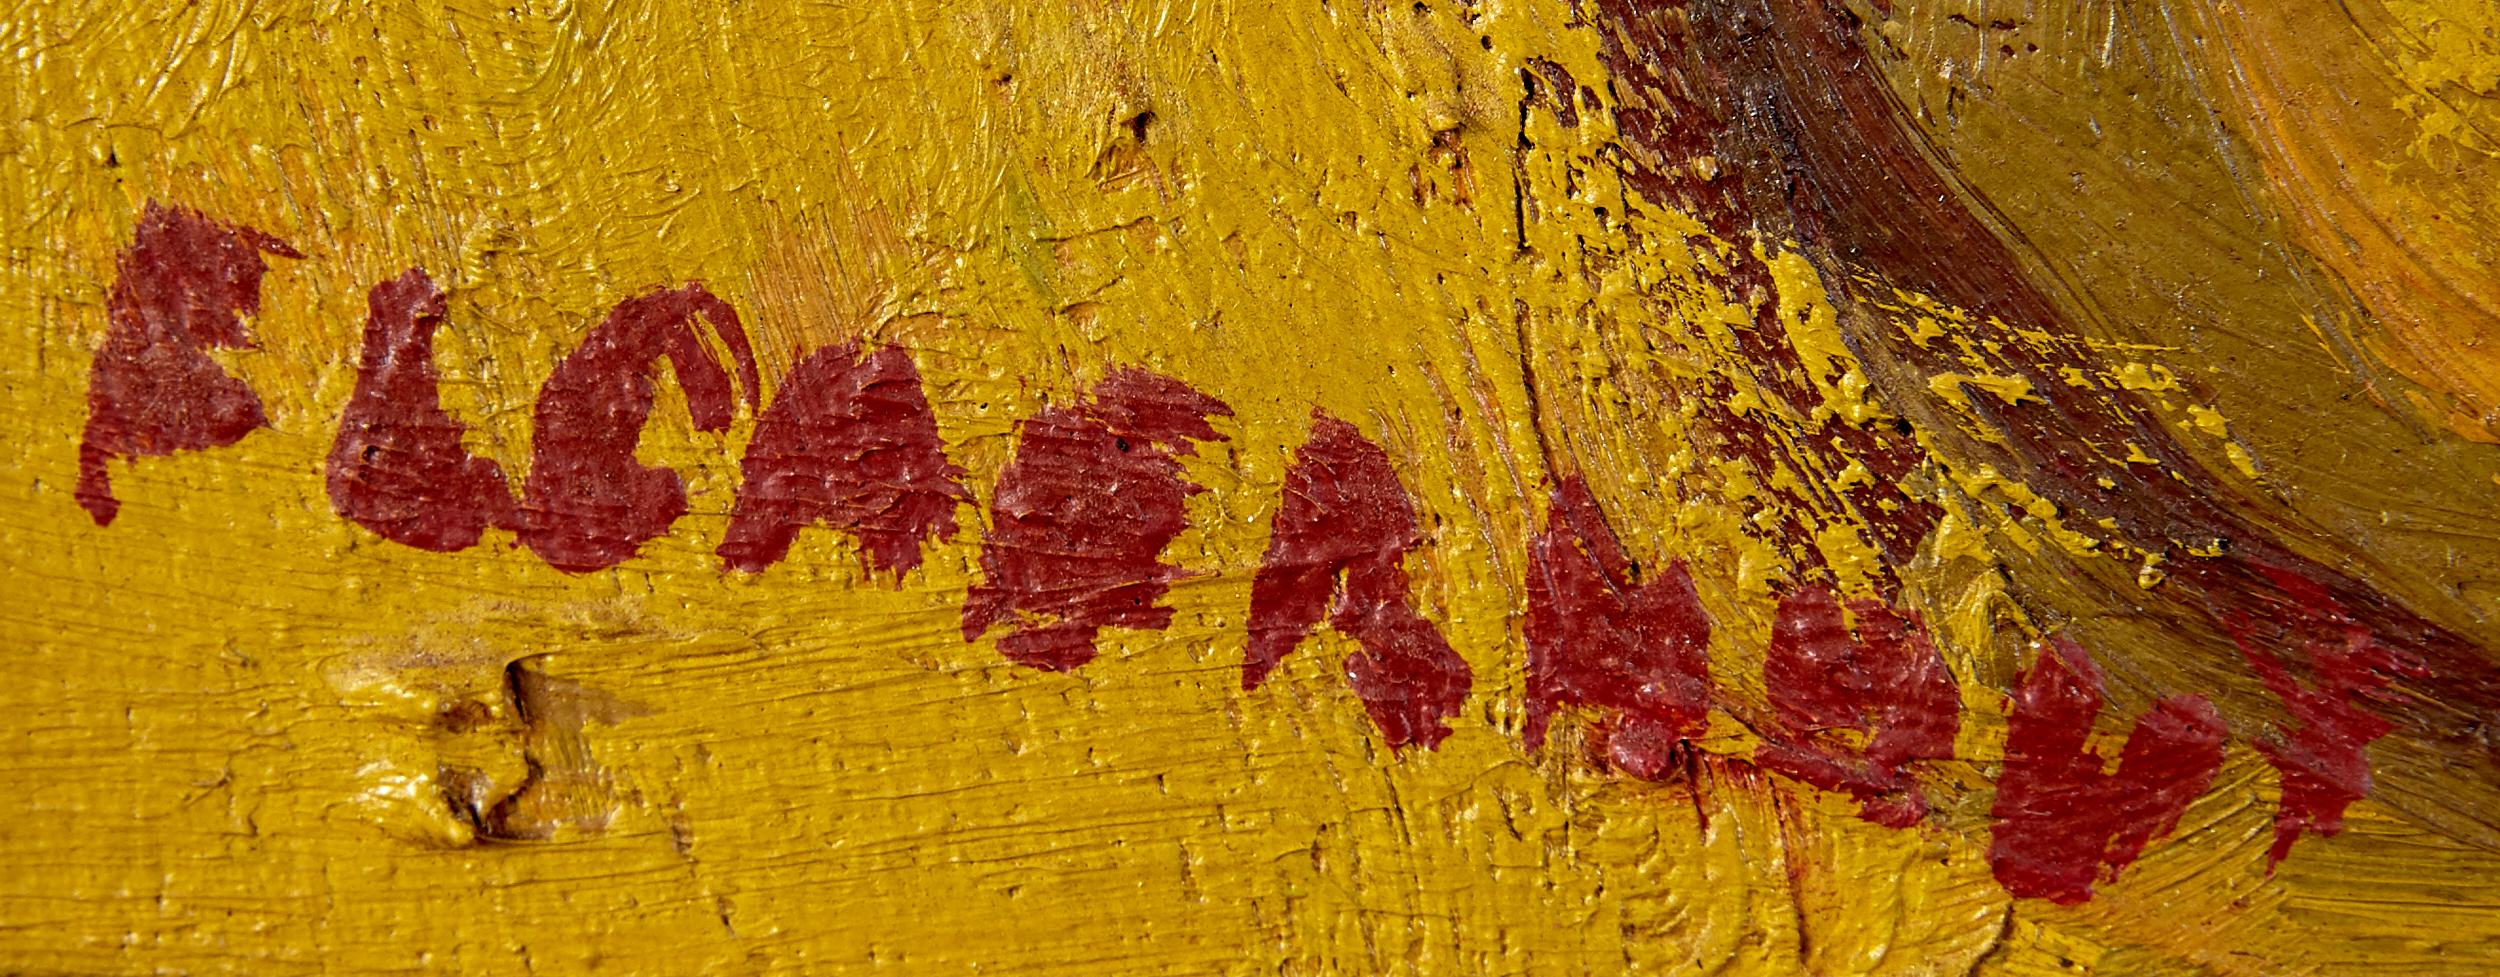 Lot 42 - Frans Martin Claerhout Oil on Board